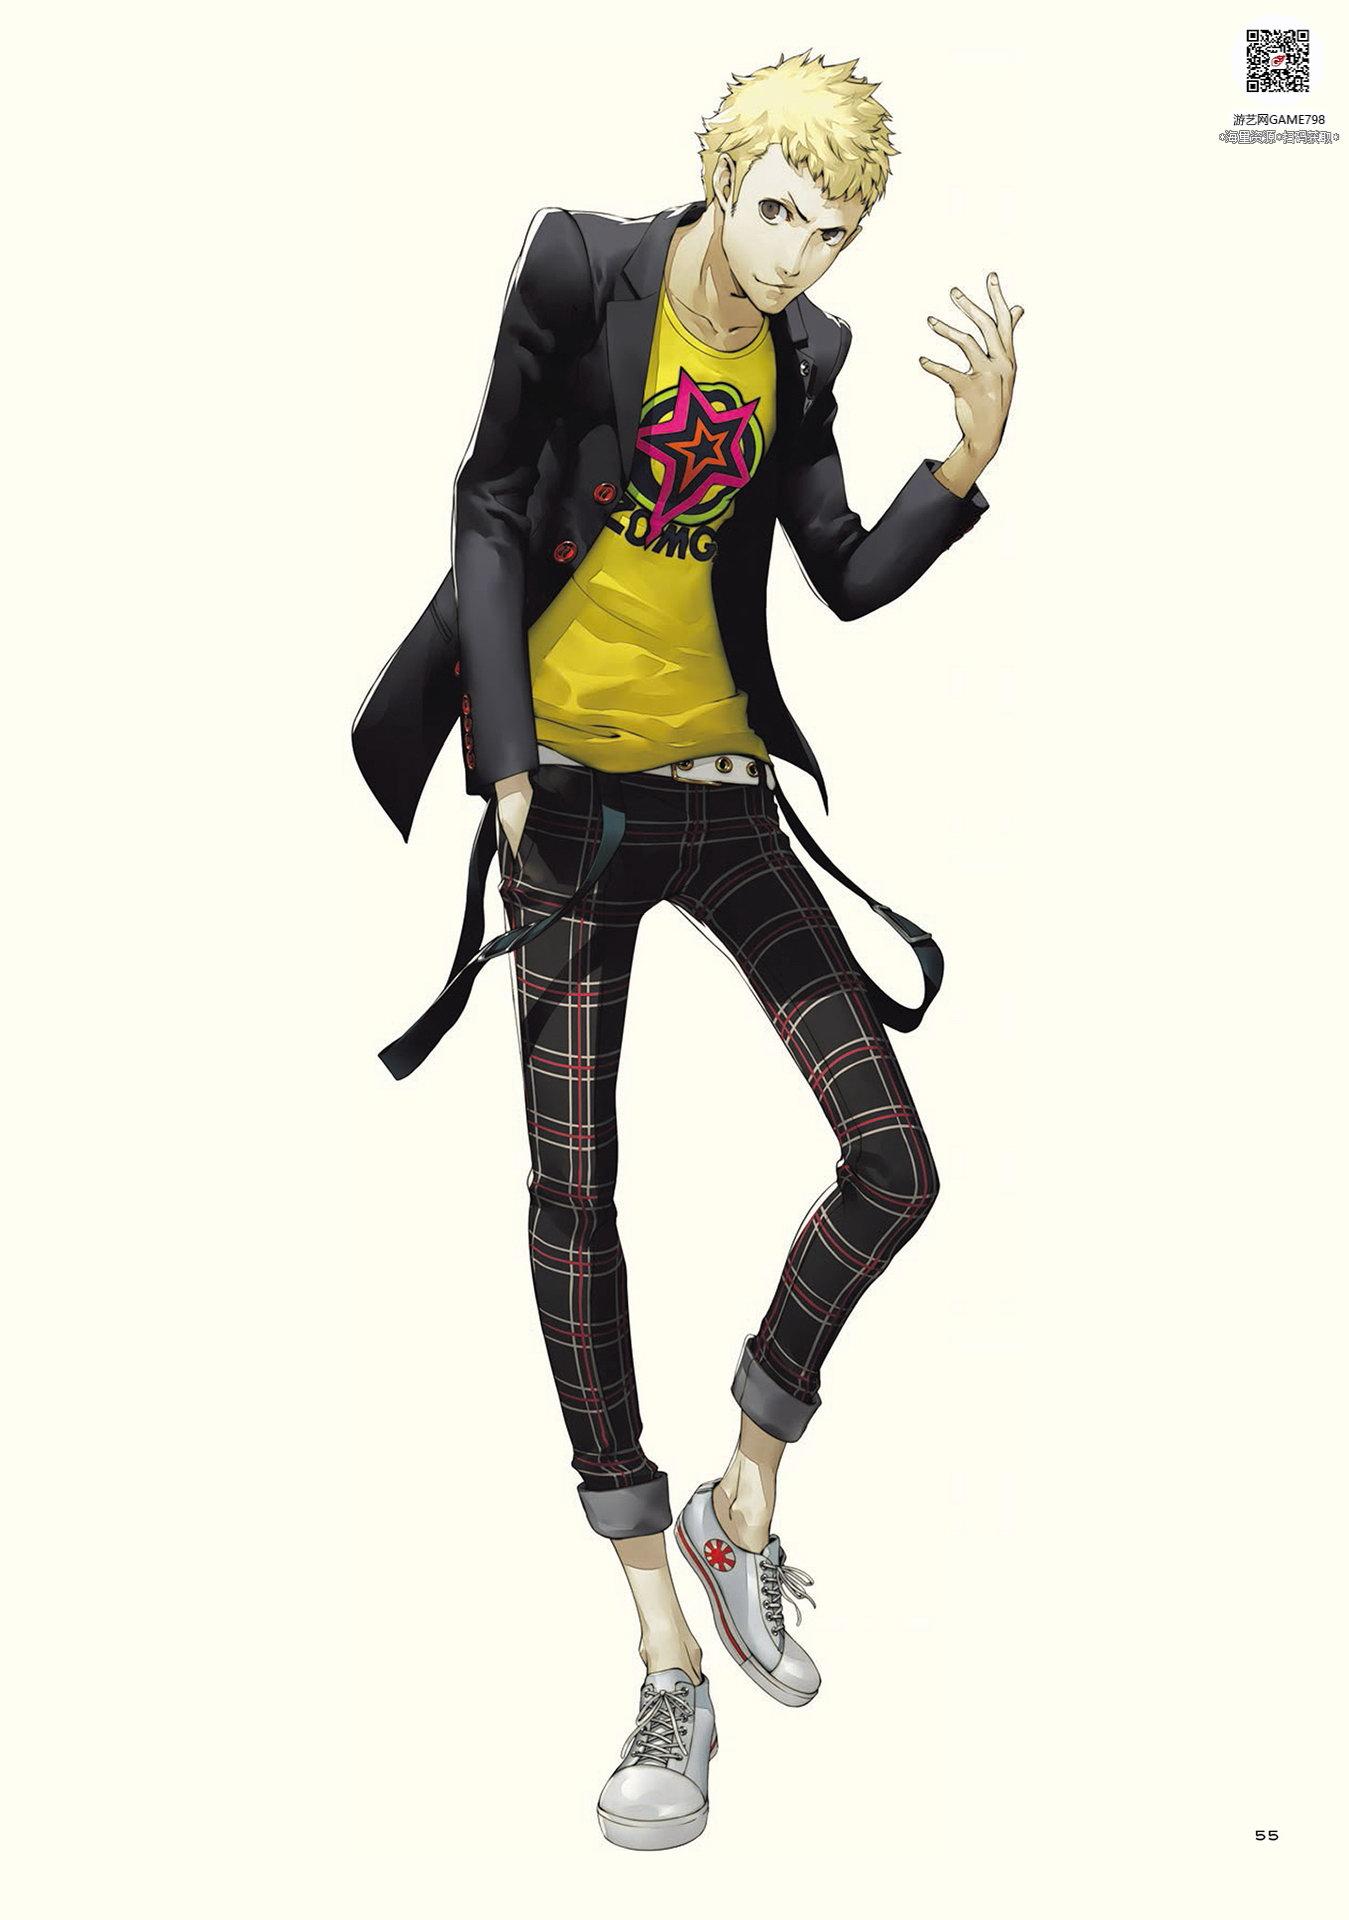 030_关注游艺网公众号获海量资源_日式游戏风格设定女神异闻录5二次元角色设定.jpeg